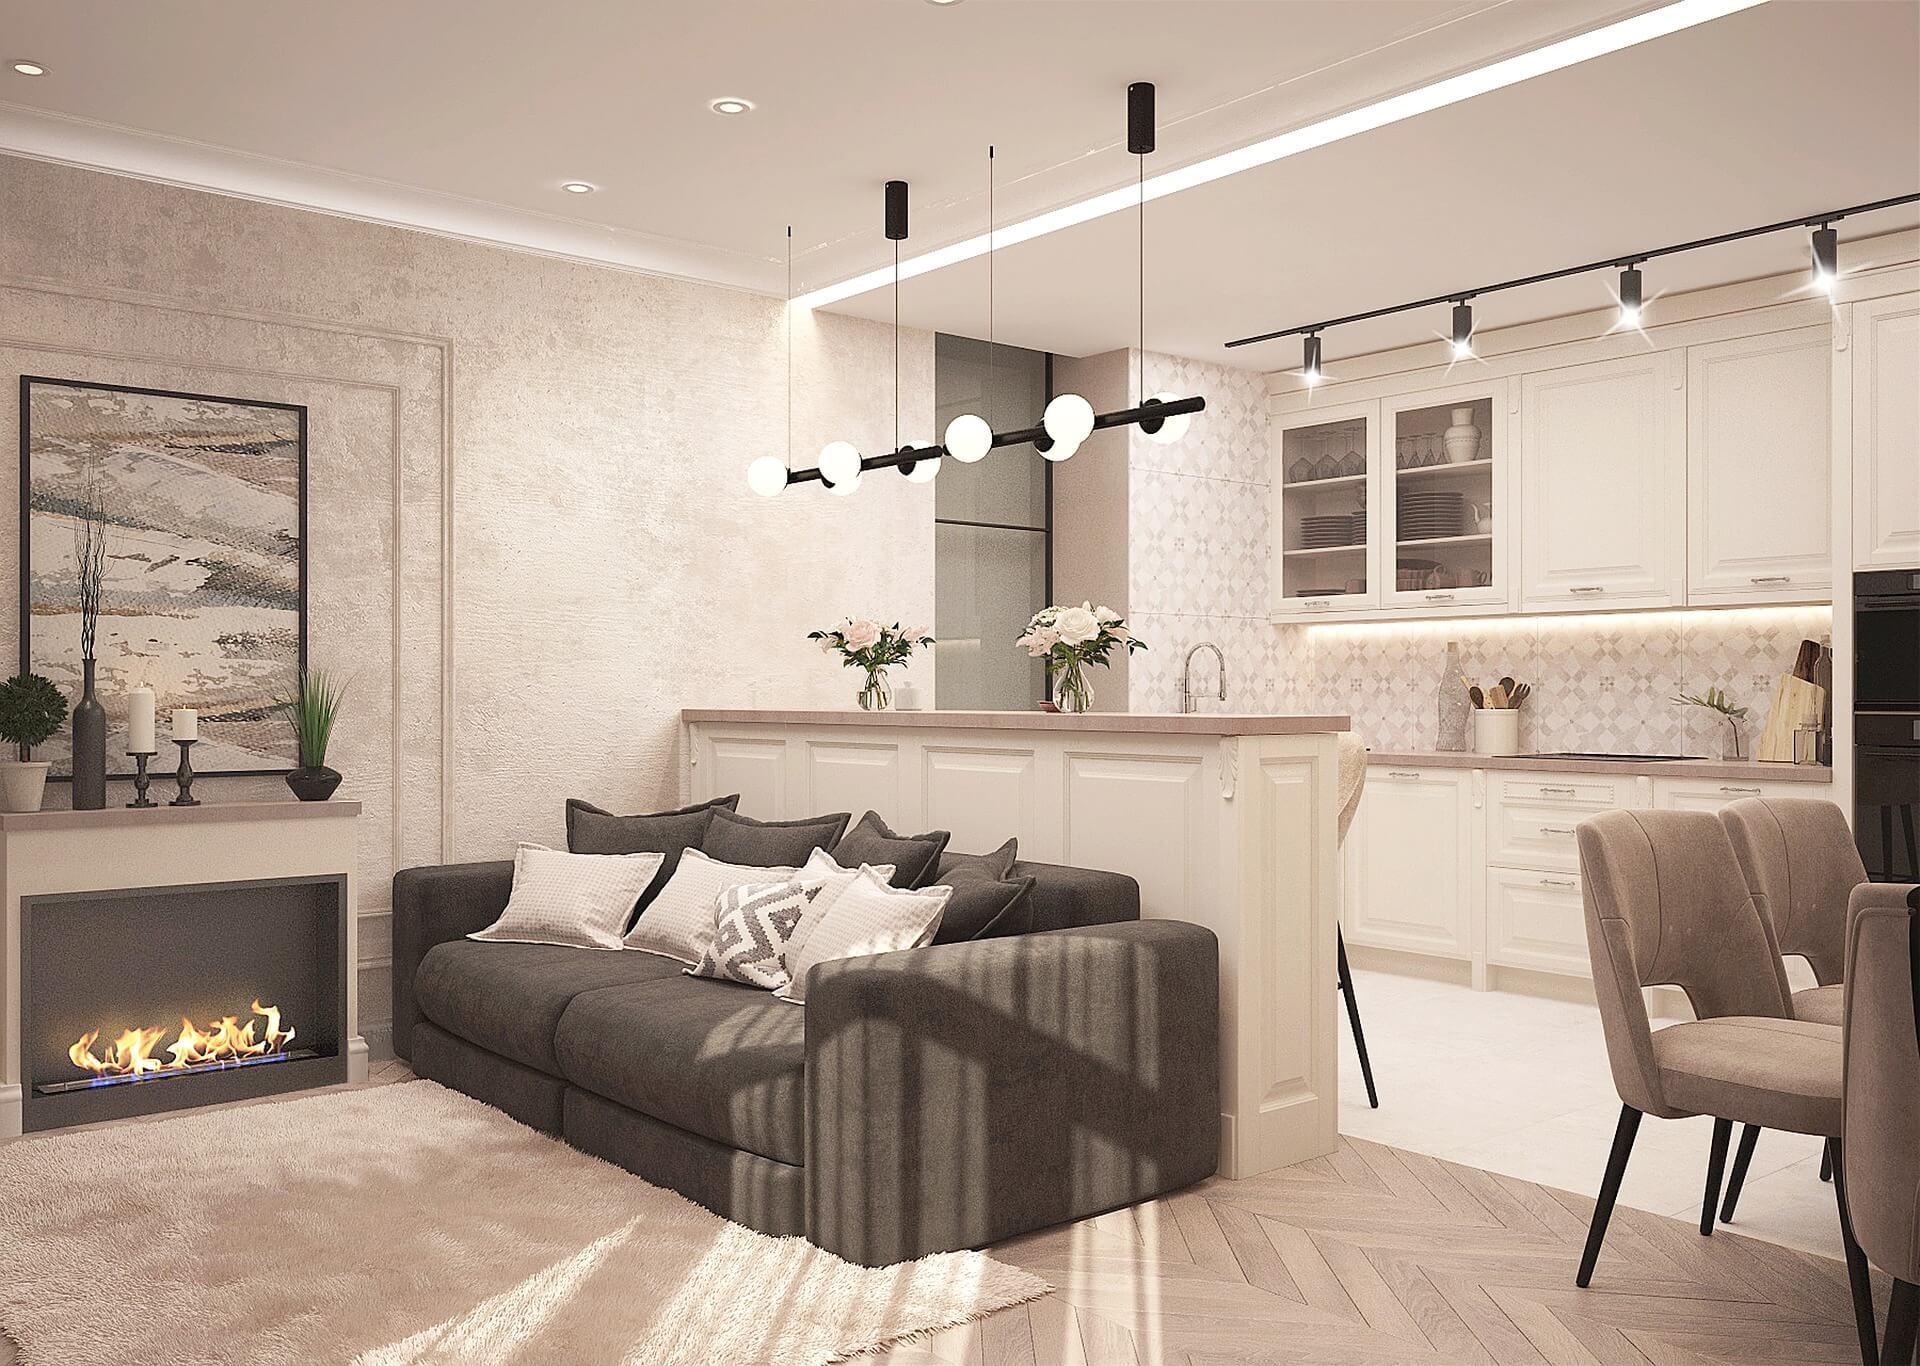 Pesten keres új lakást? Hoztunk néhány fiatalos új otthont!